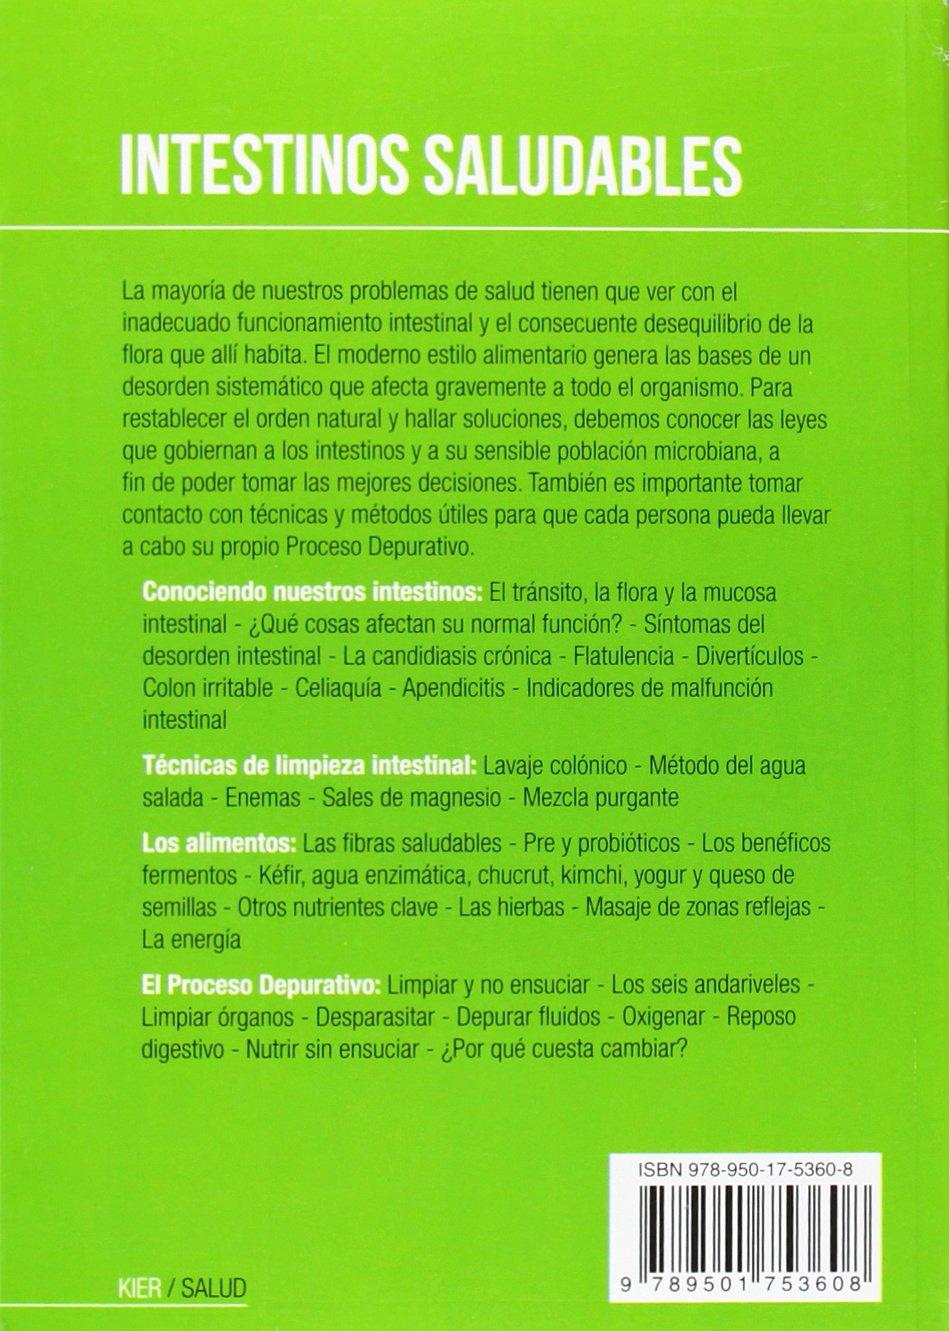 Intestinos Saludables: Amazon.es: Néstor Palmetti: Libros